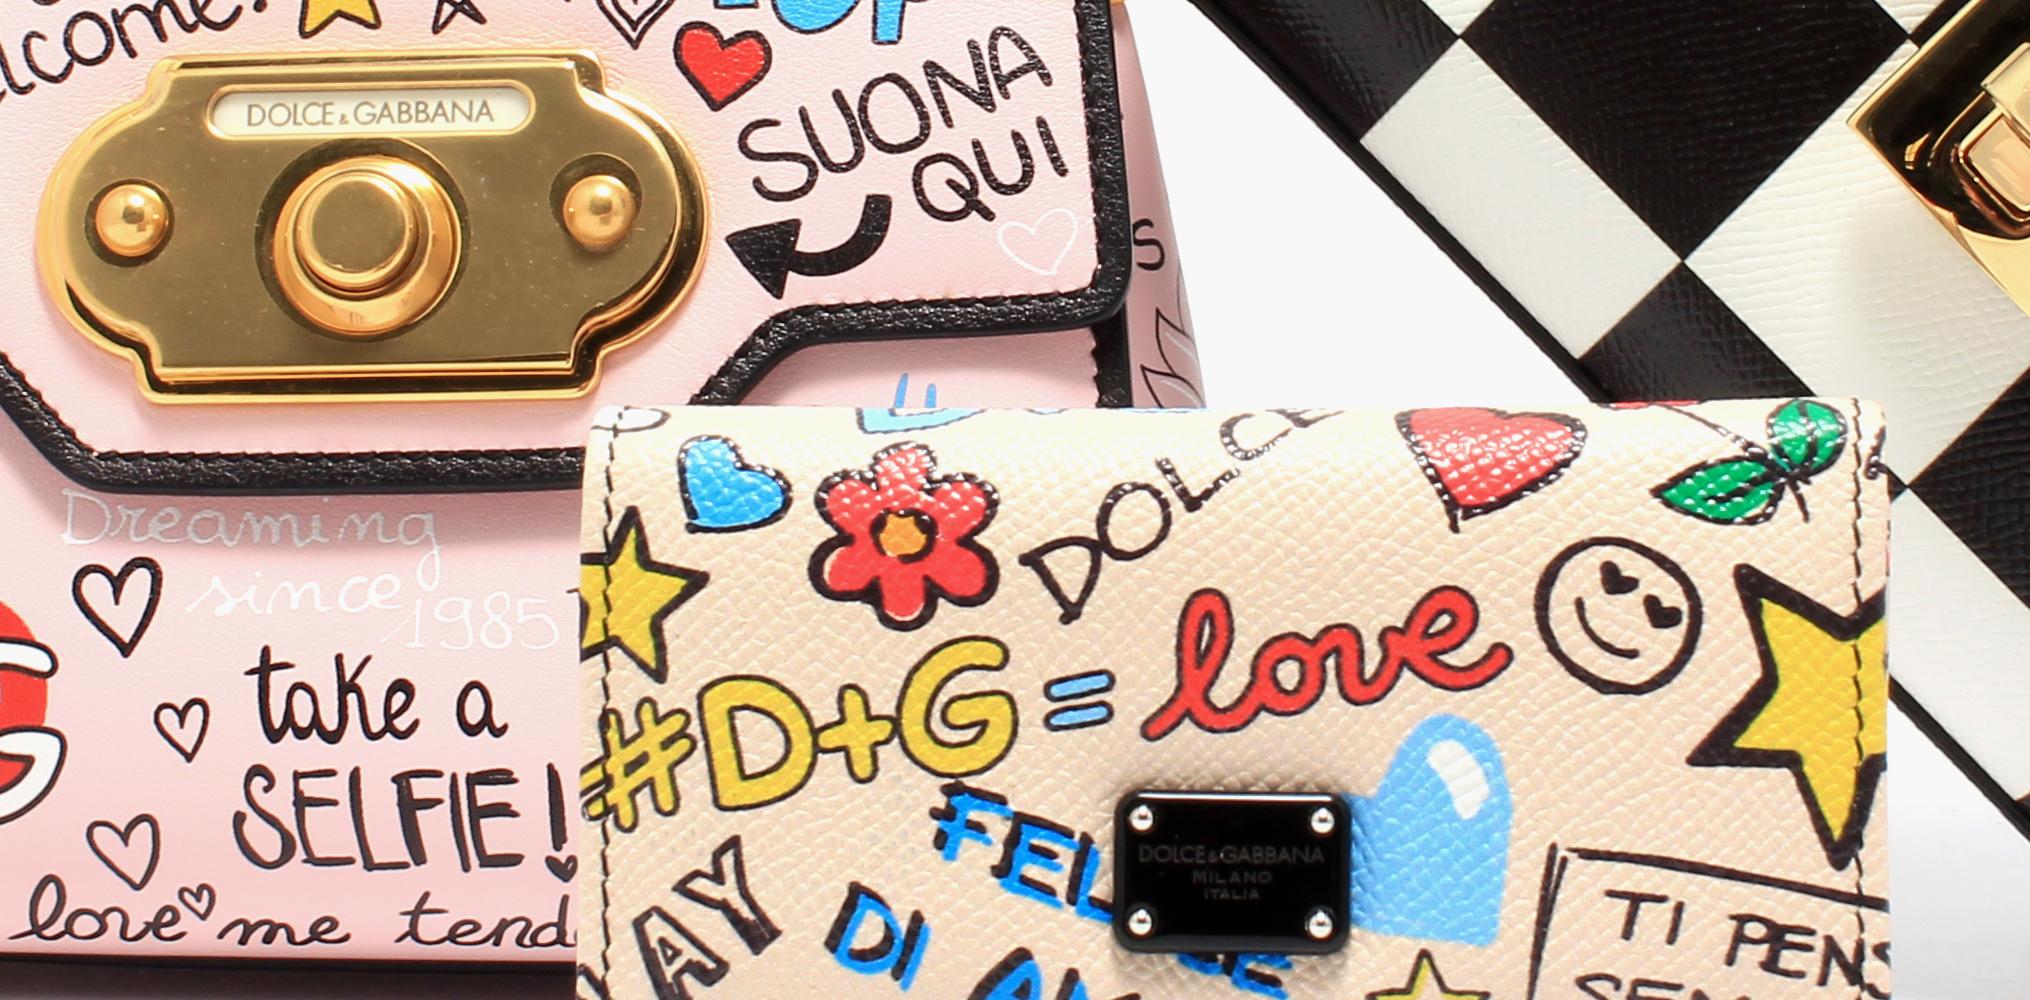 Dolce & Gabban sale